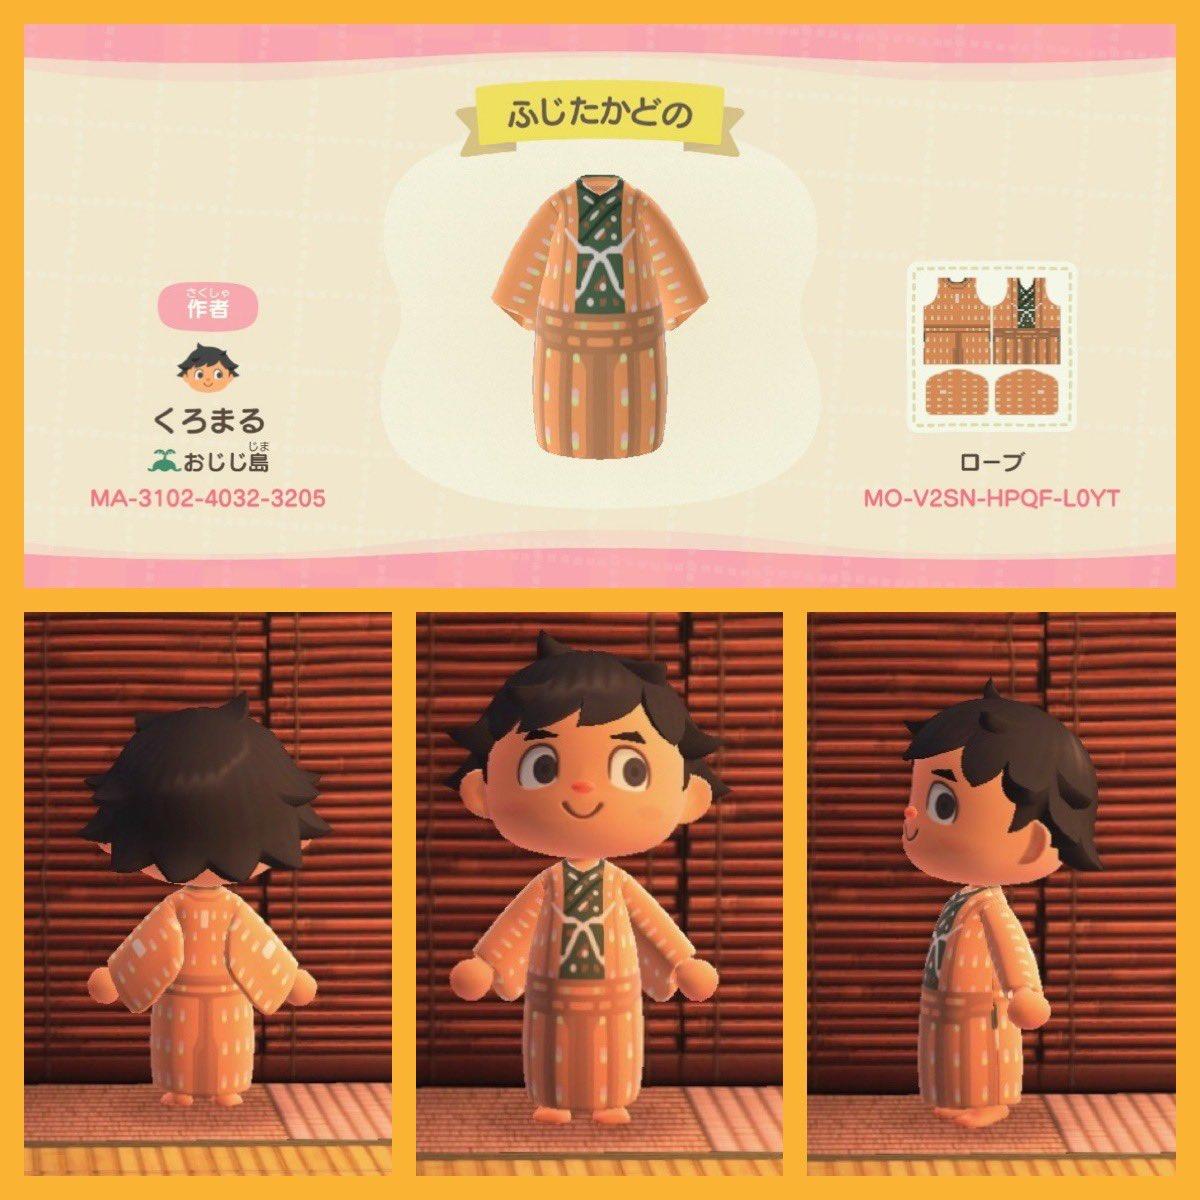 麒麟がくるホームページで細川藤孝の衣装解説が掲載されましたので、今日の #麒麟がくる #どうぶつの森 #マイデザイン は細川藤孝です!ご自由にお使いください😊#衣装デザイナー #黒澤和子 #とアシスタント #あつ森